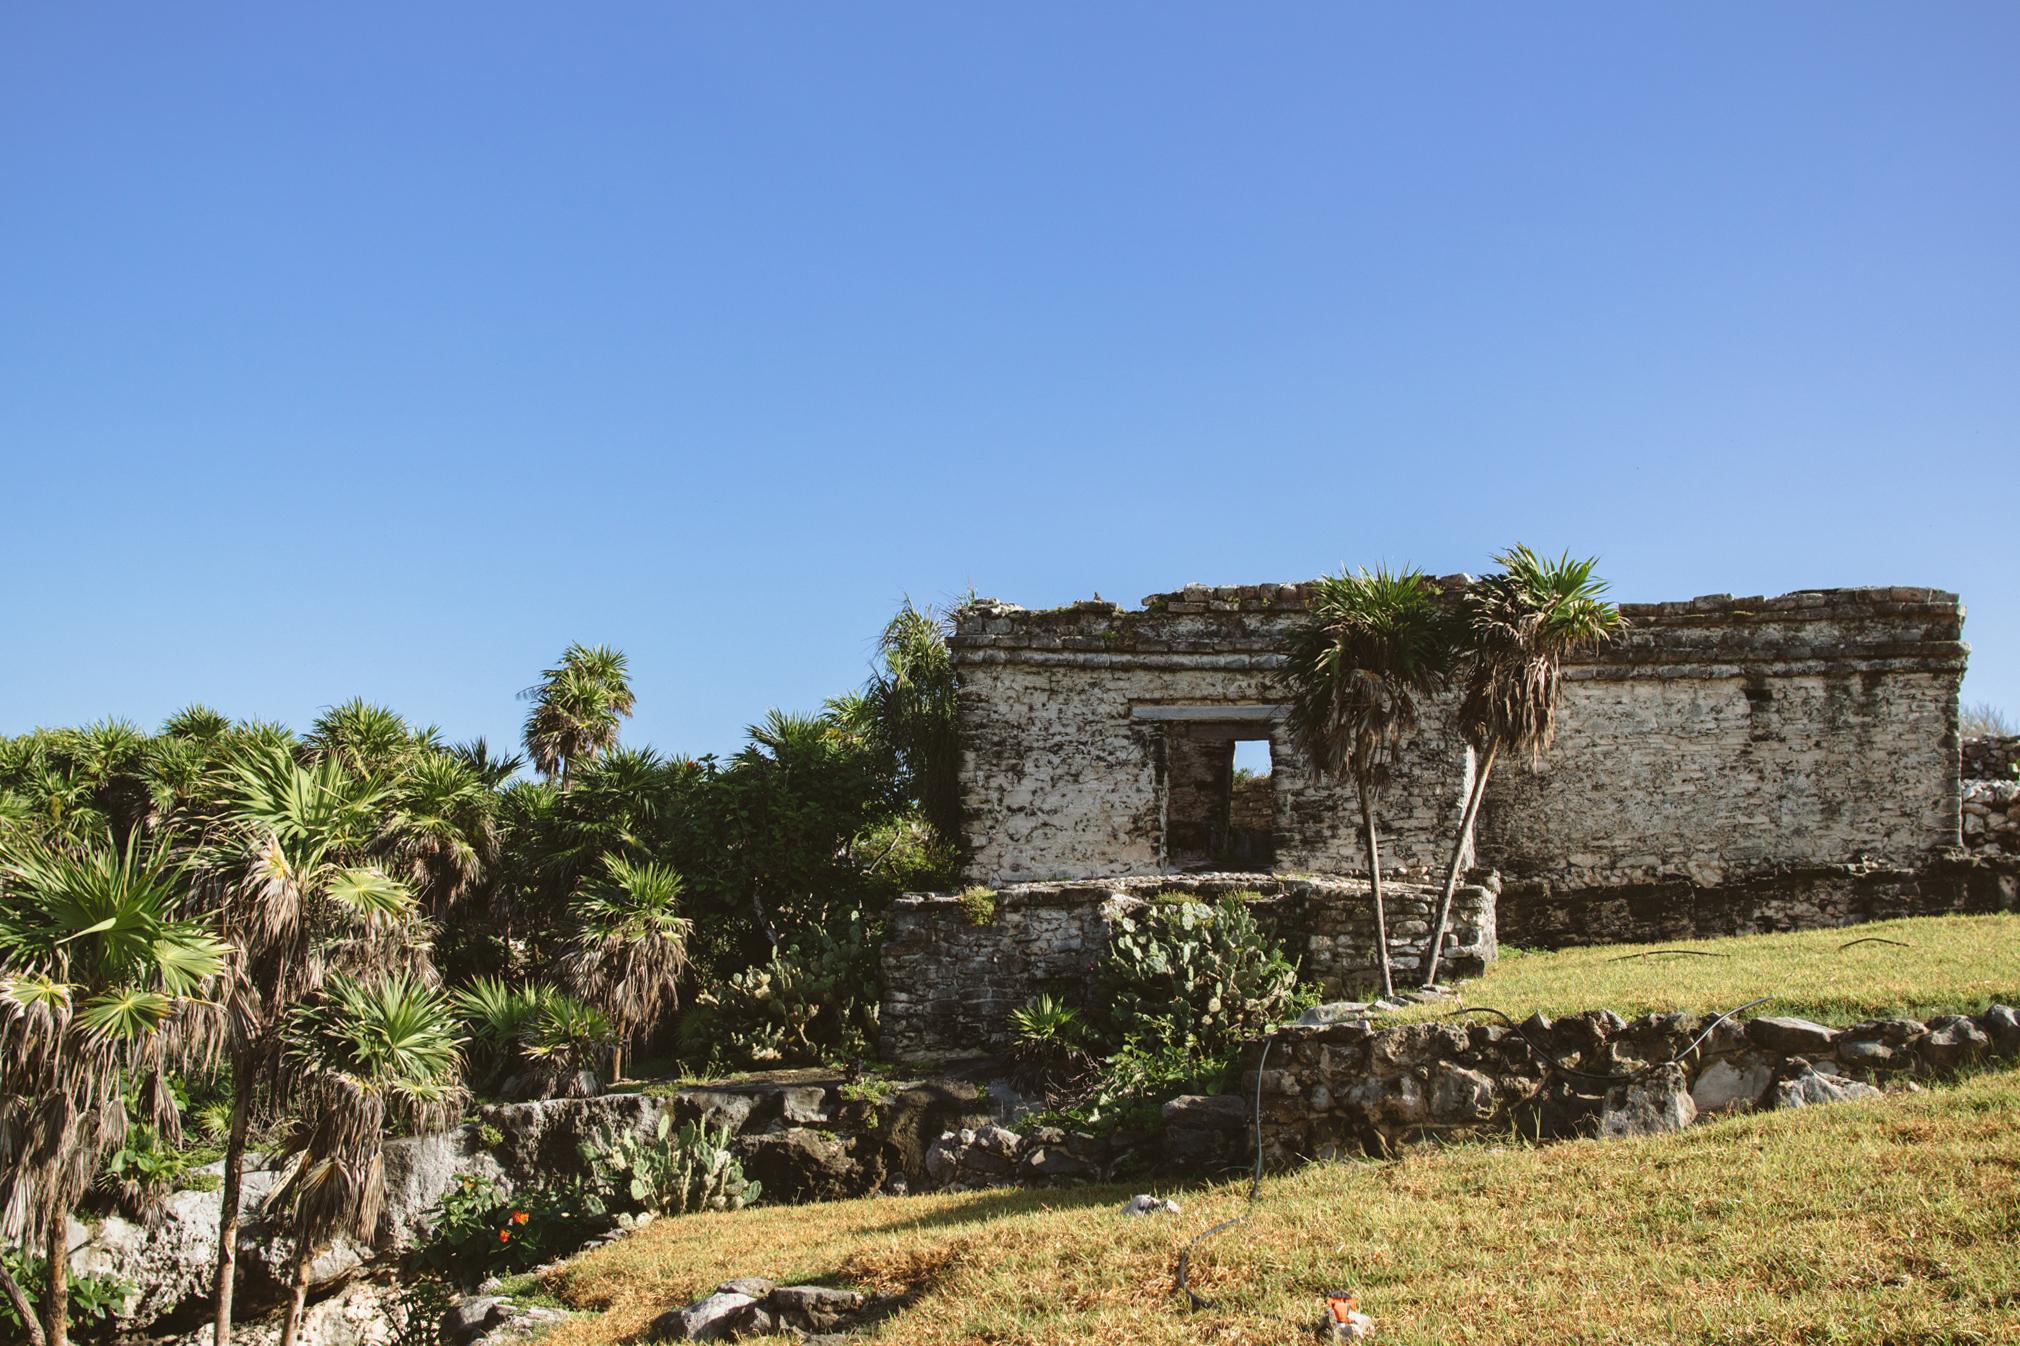 tulum-ruins-mexico-photograph